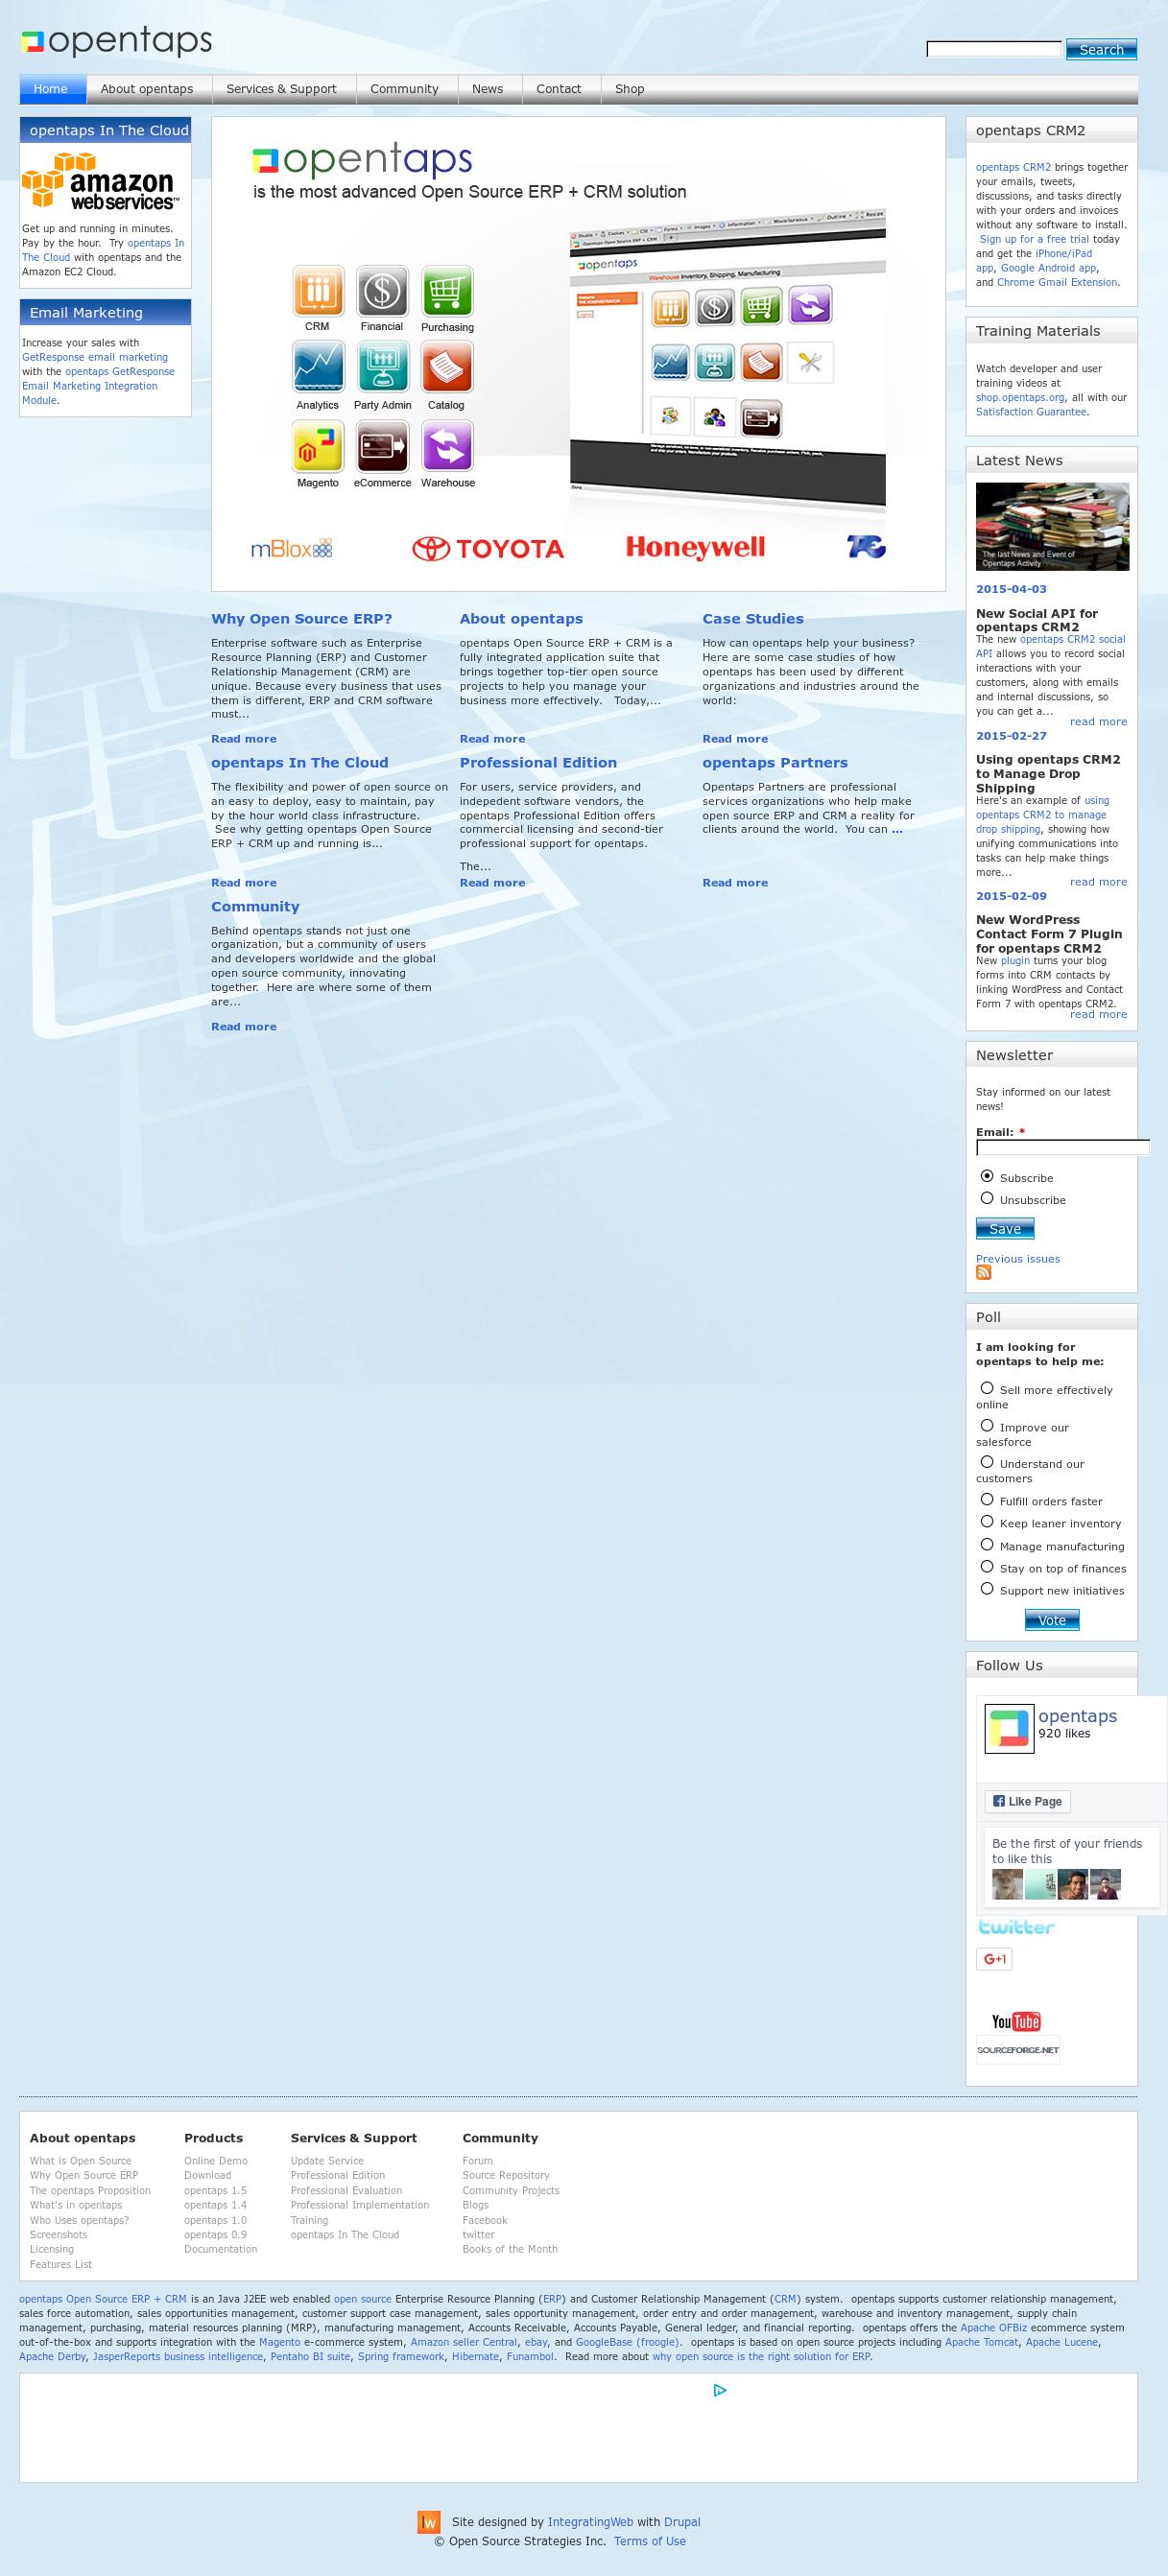 Owler Reports - Opentabs: Opentaps